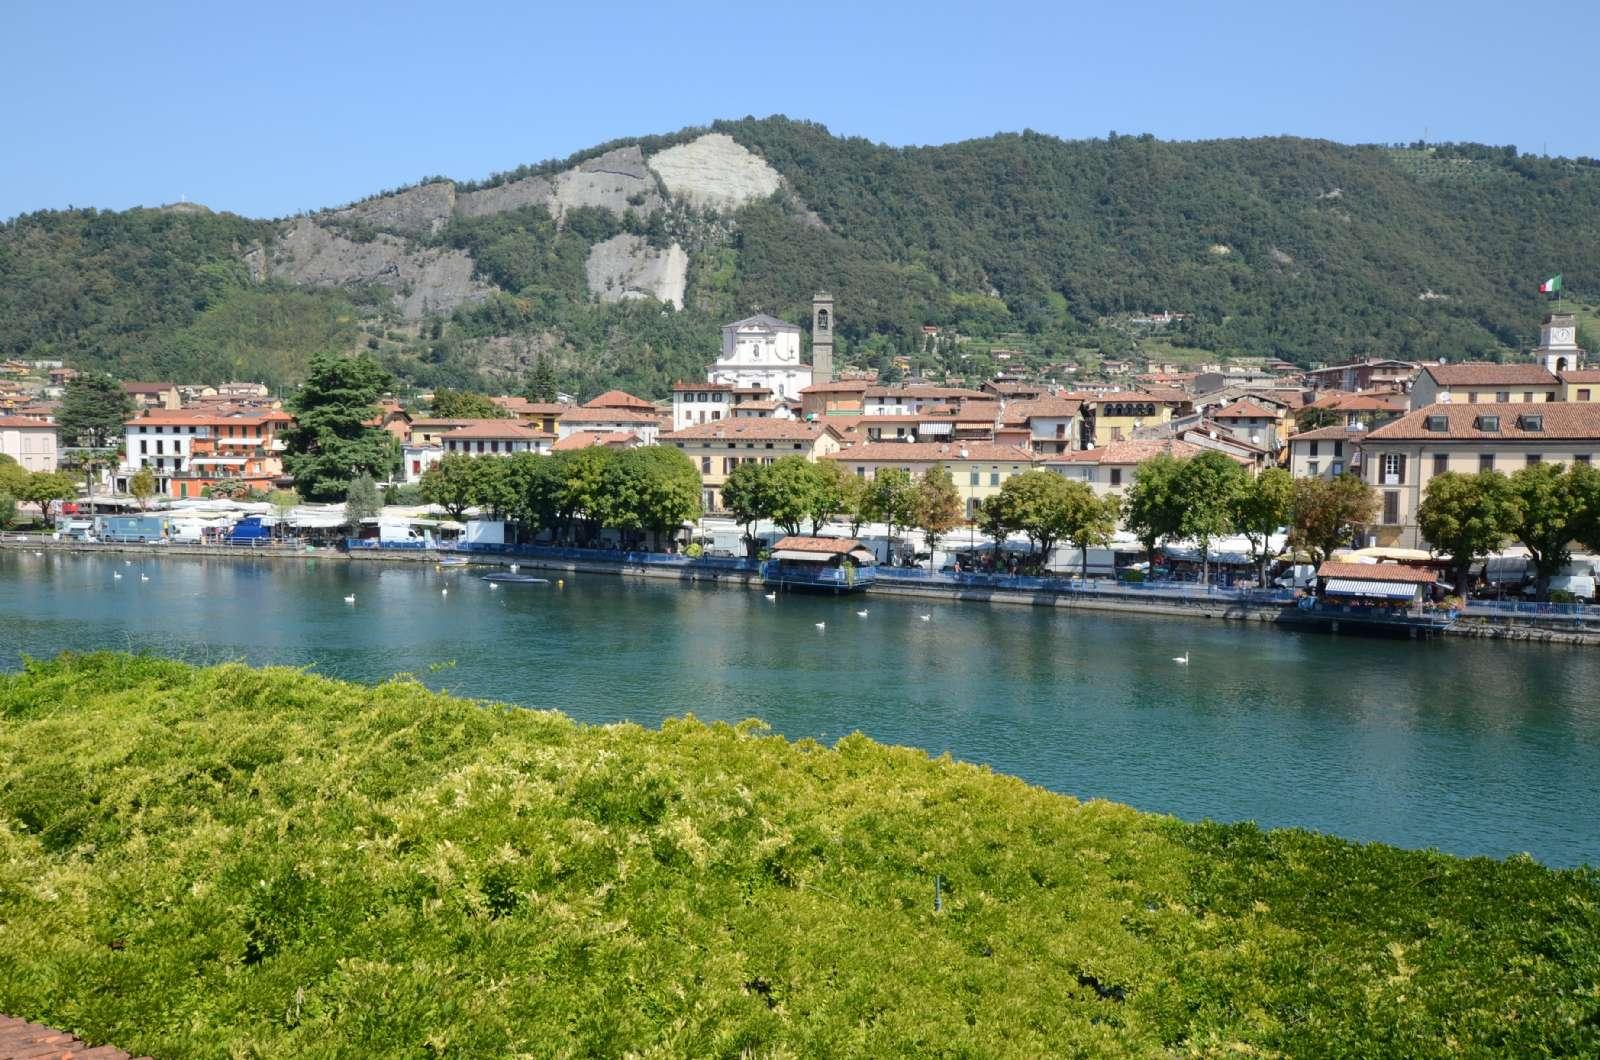 De flesta av rummen har utsikt över sjön och byn Sarnico på andra sidan